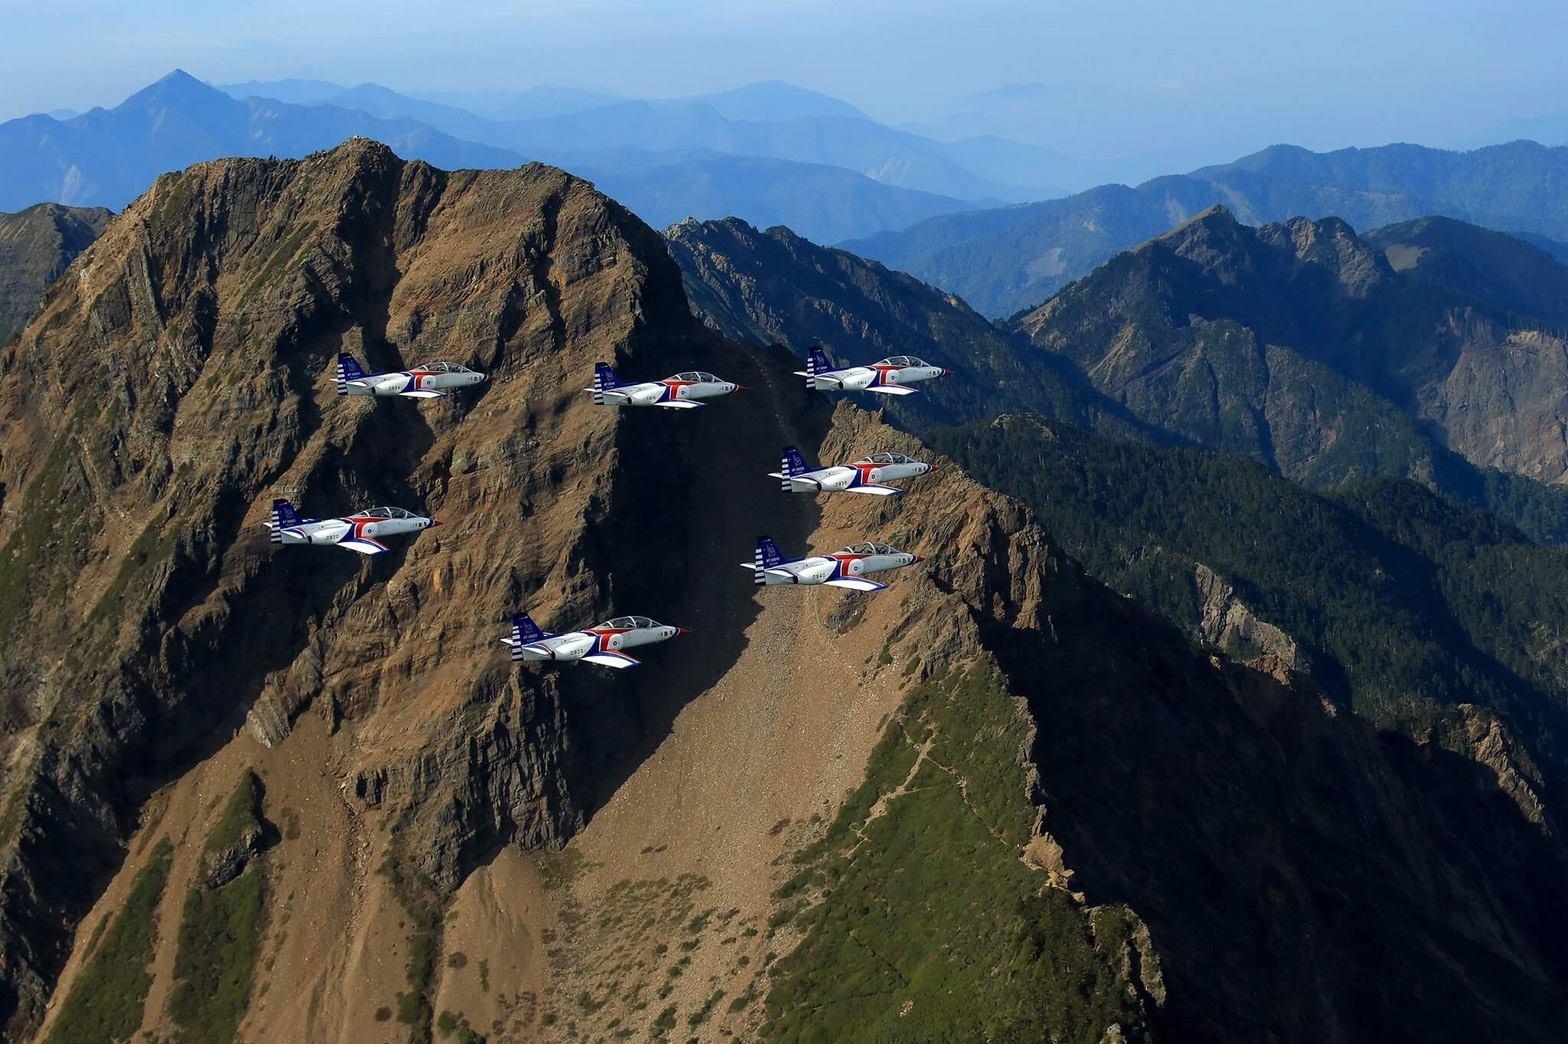 配合訓練時機,以整齊編隊方式飛越玉山上空,搭配臺灣最壯麗的景緻,完美襯托出雷虎翱翔於天際的優雅姿態,將藍天上最美的畫作呈現在國人面前。